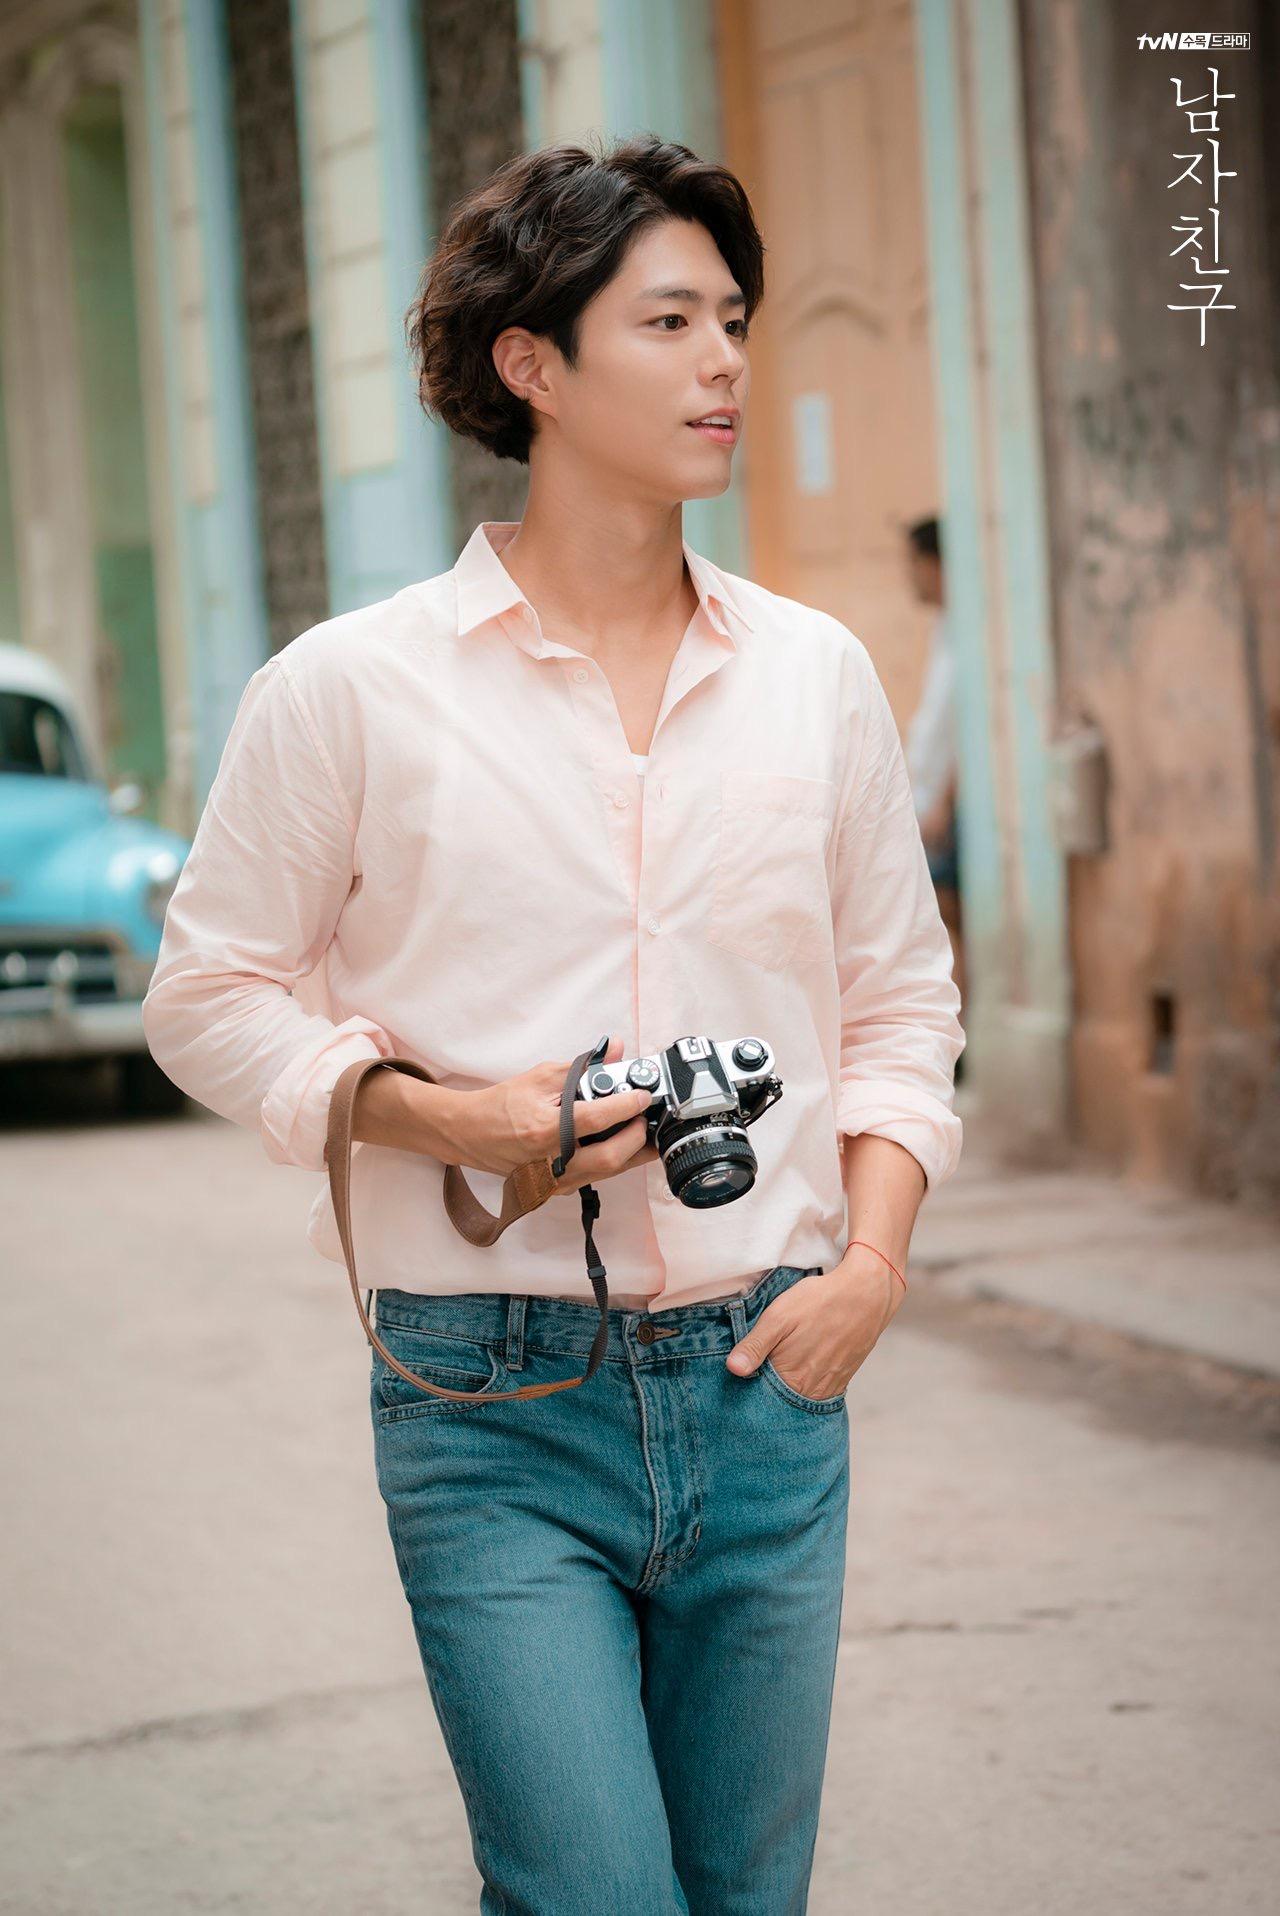 韩剧《男朋友》朴宝剑剧照公开:温润腼腆,暖暖的男友